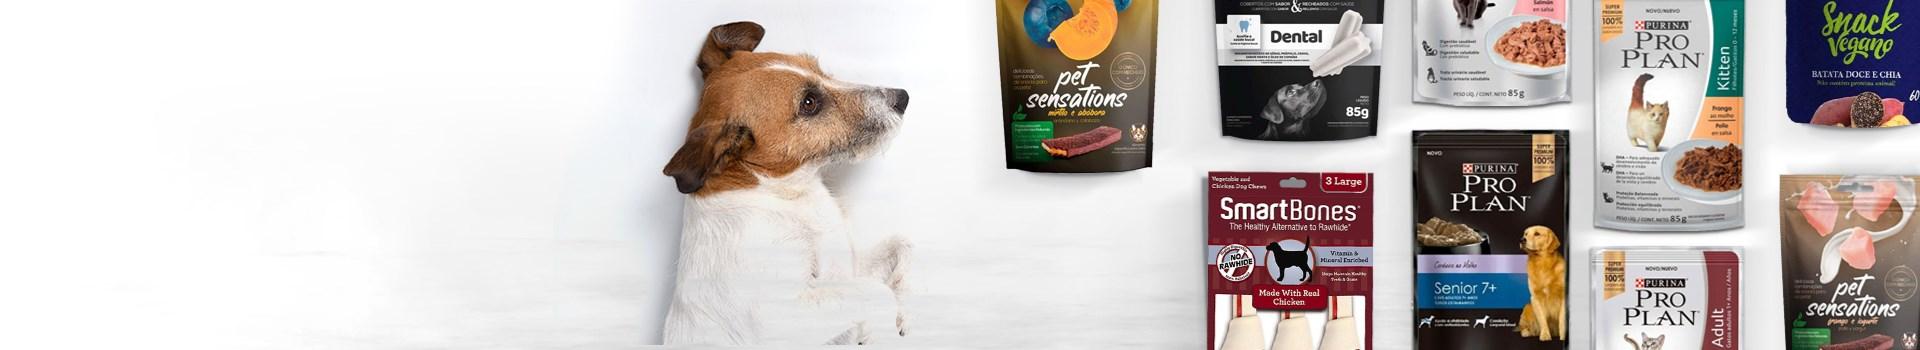 Produtos para cachorro